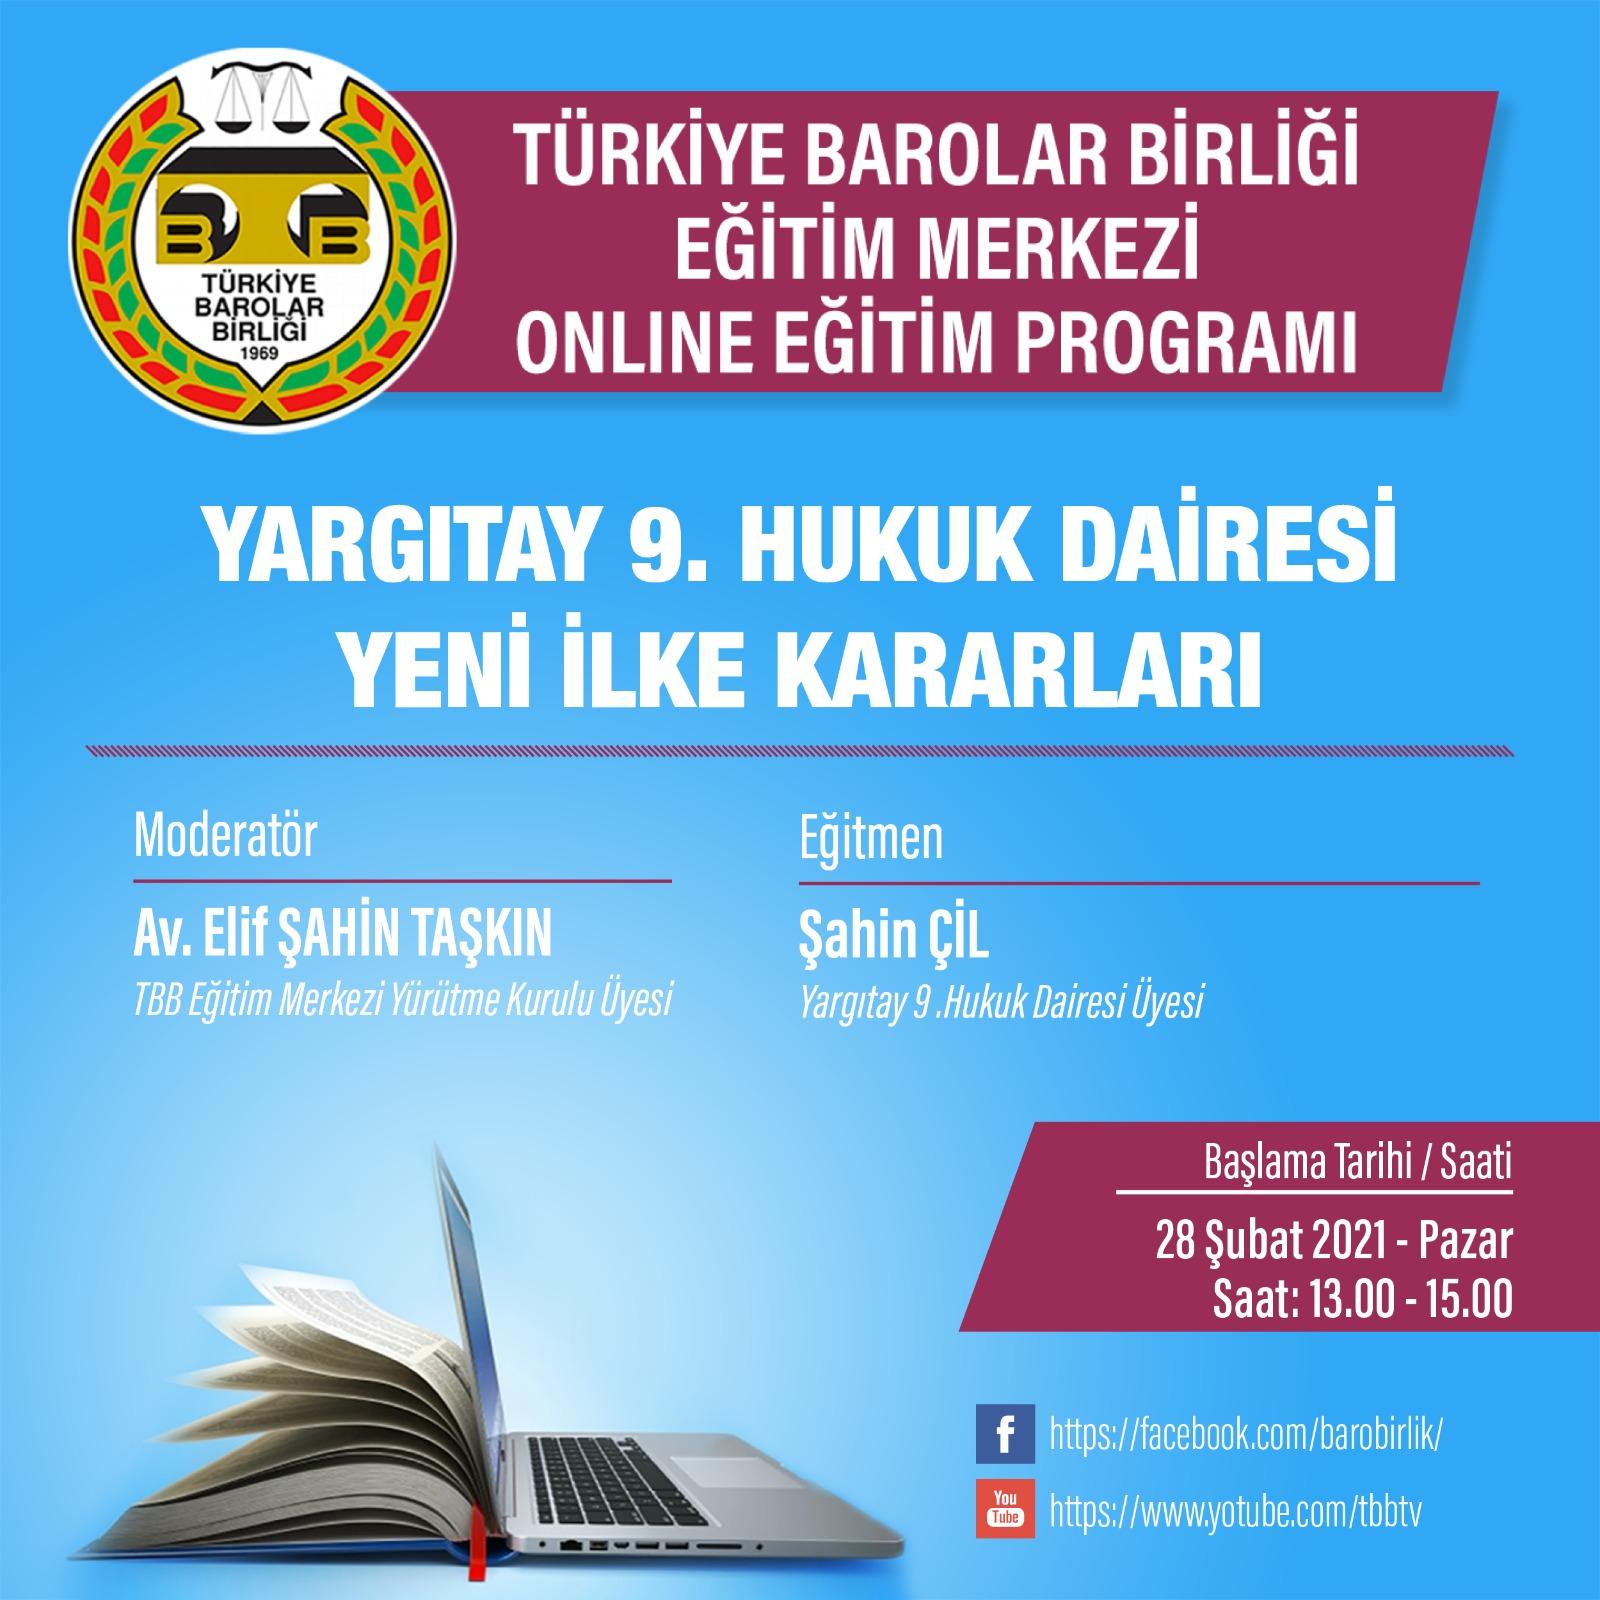 TBB Eğitim Merkezi Online Eğitim 28.02.2021